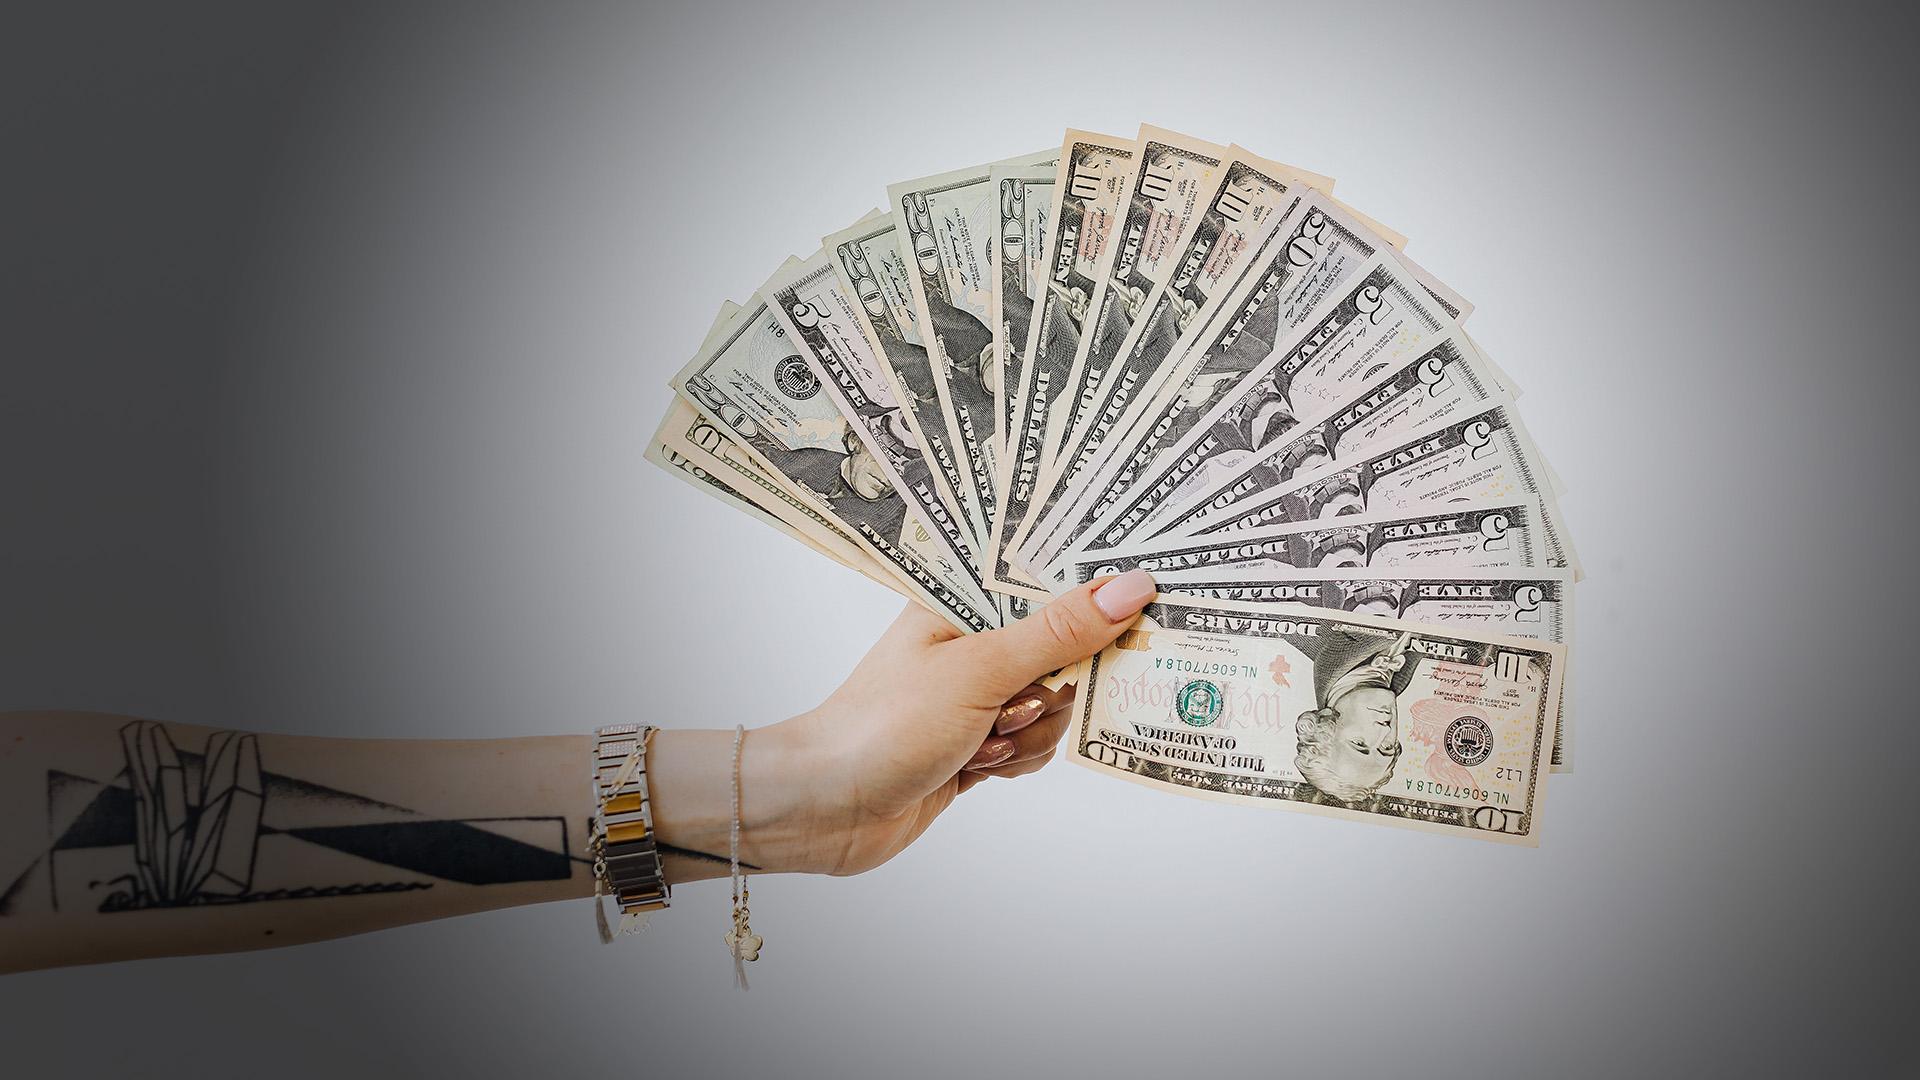 Skaidras naudas darījumi